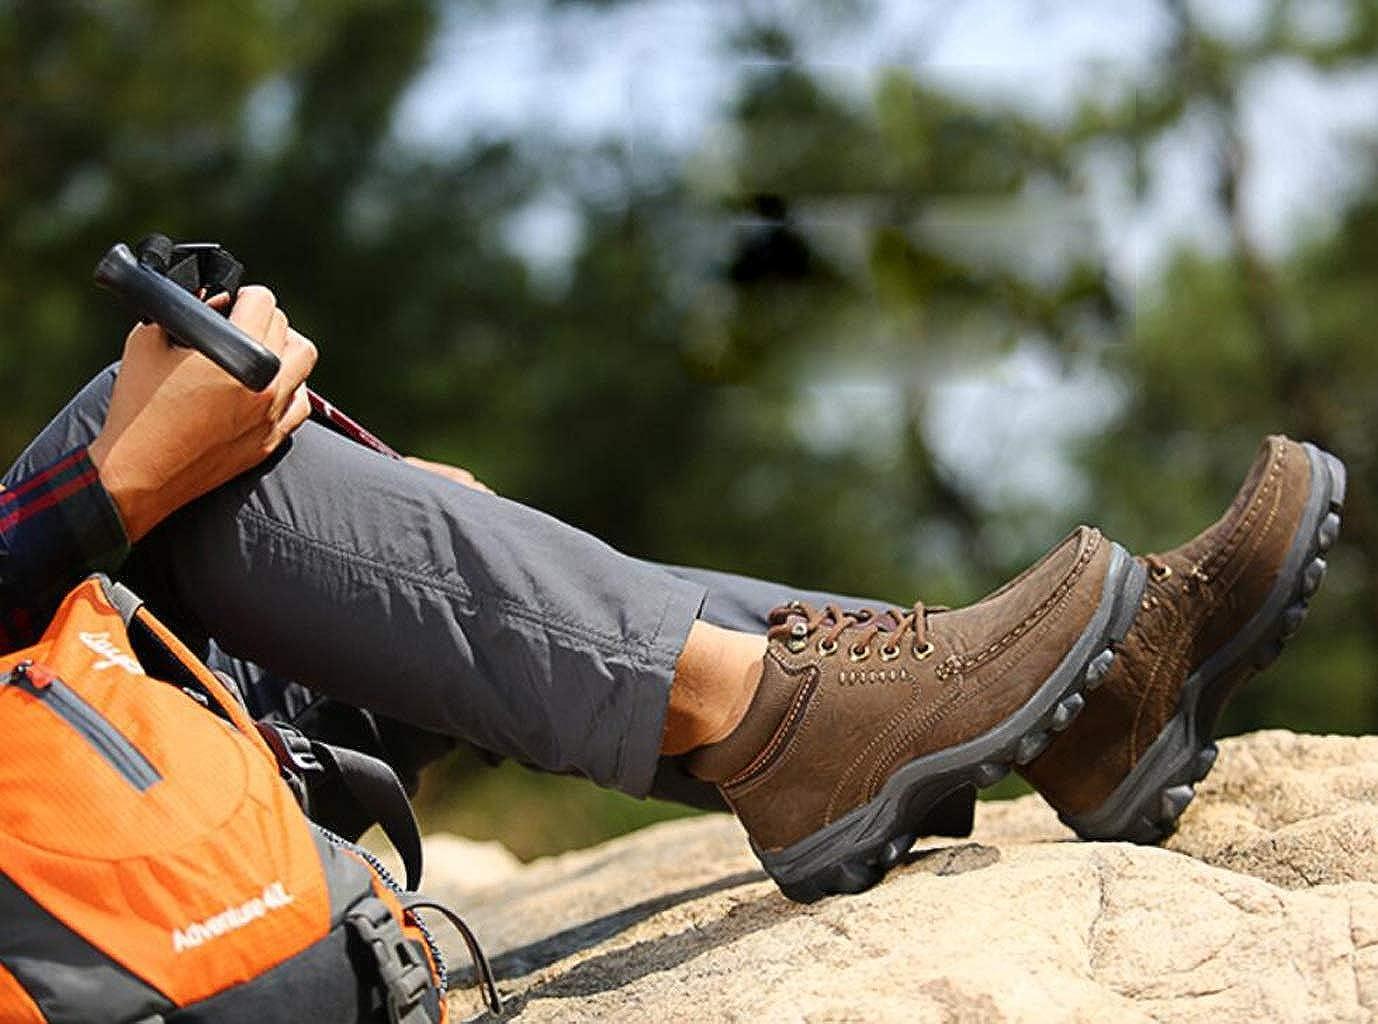 JBHURF Wasserdichte Trekking-Wanderschuhe für Herren im Freien, leichte und und und Rutschfeste Outdoor-Sportschuhe 404f5e